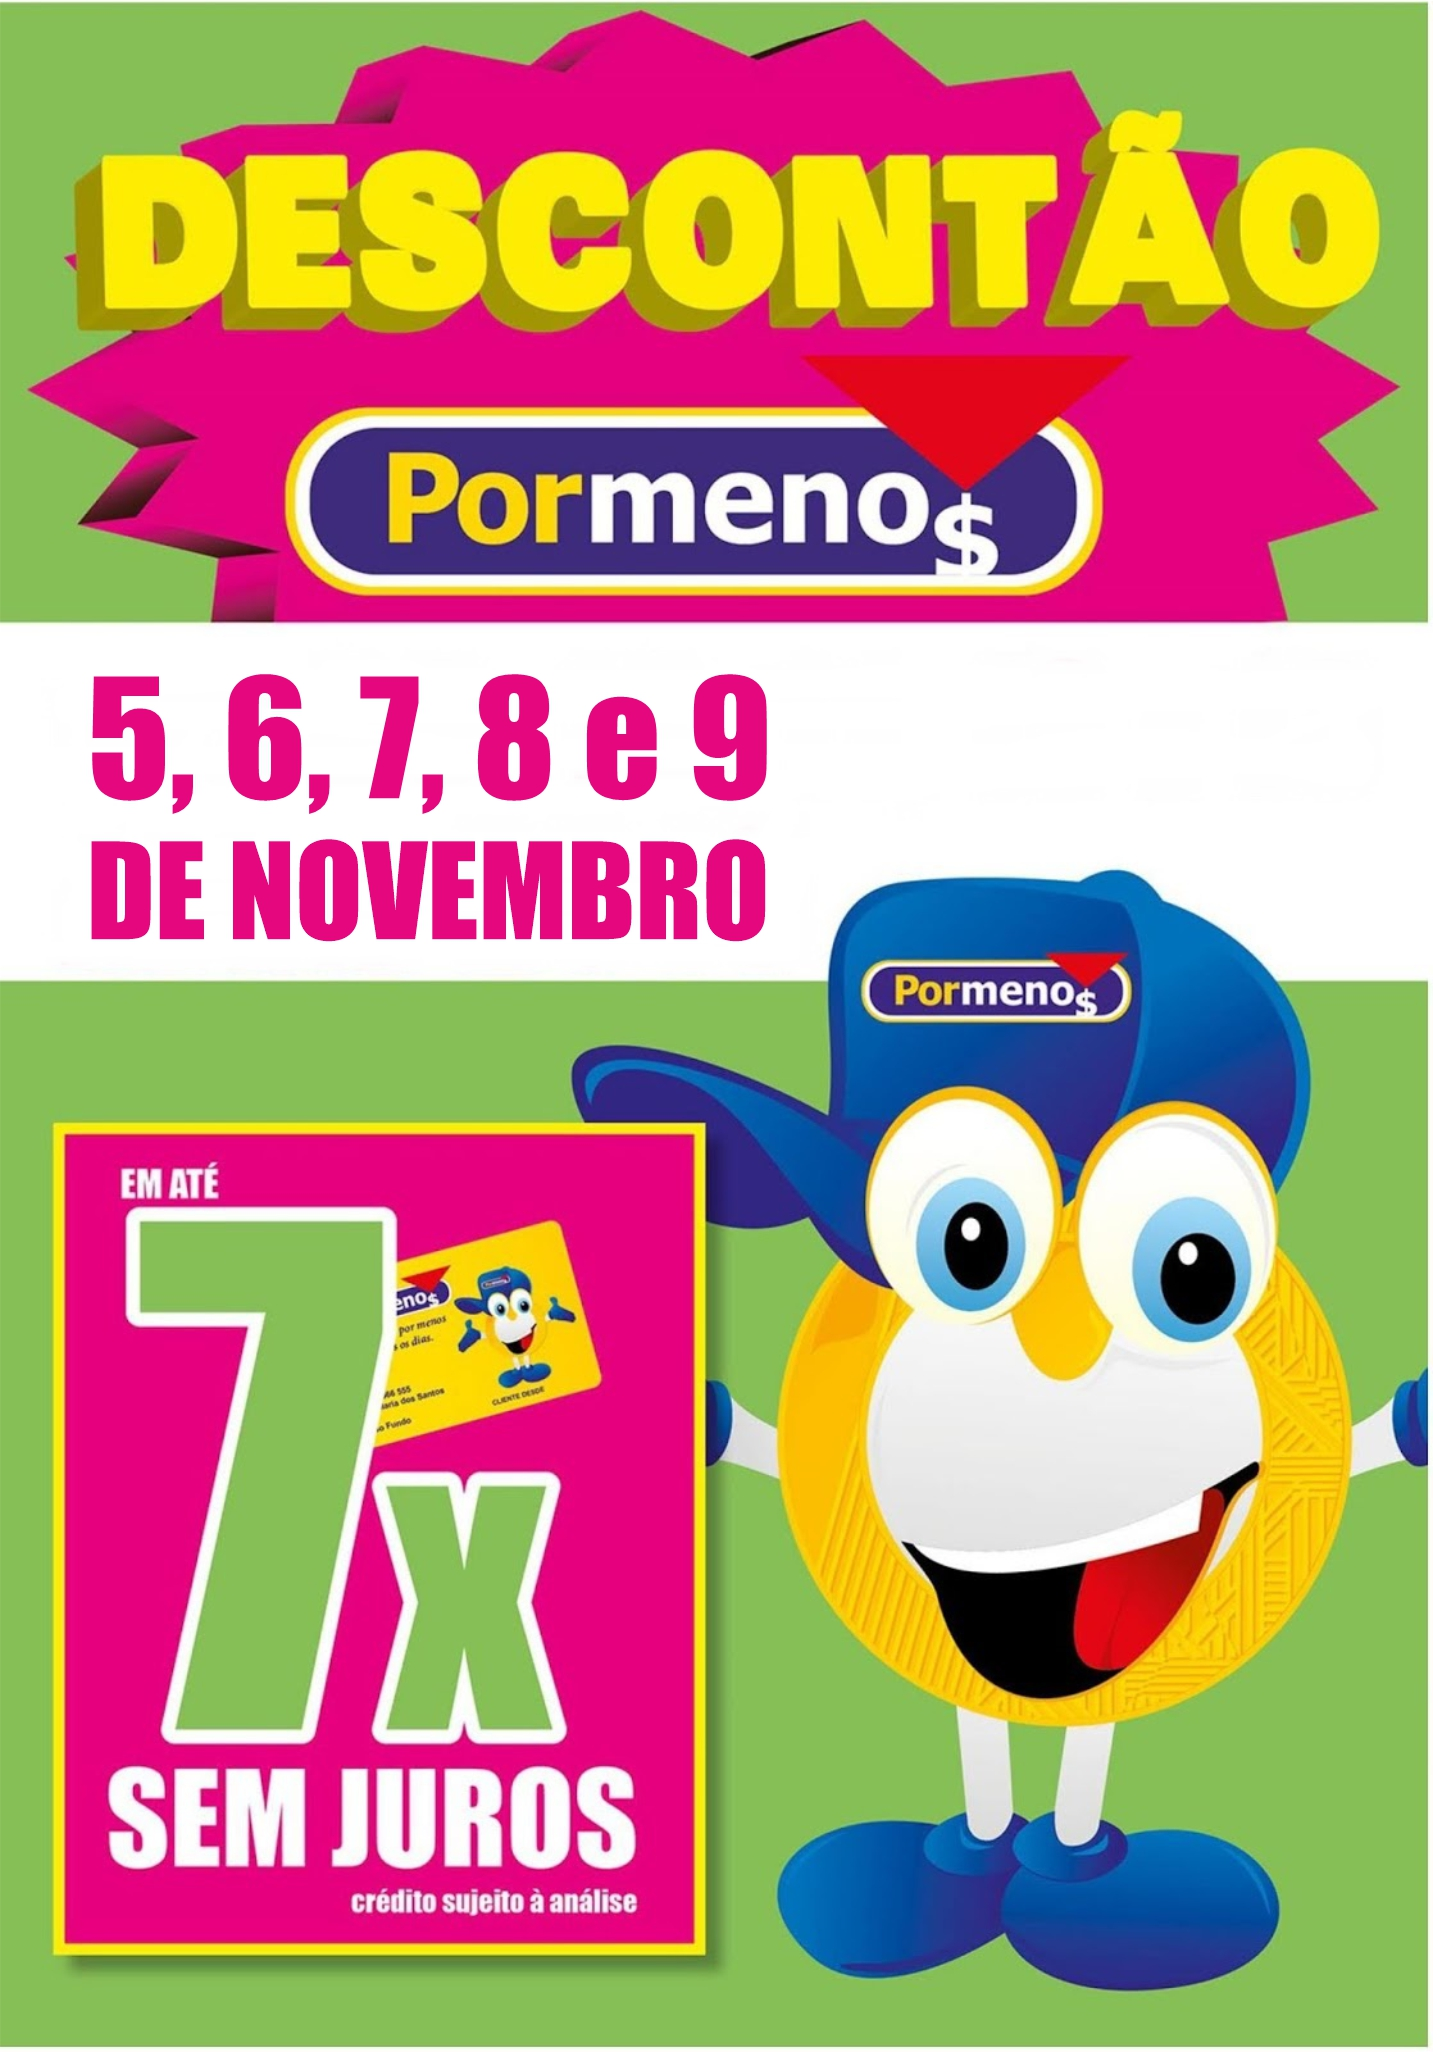 De 5 a 9 de novembro - Descontão Por Menos em São Gabriel